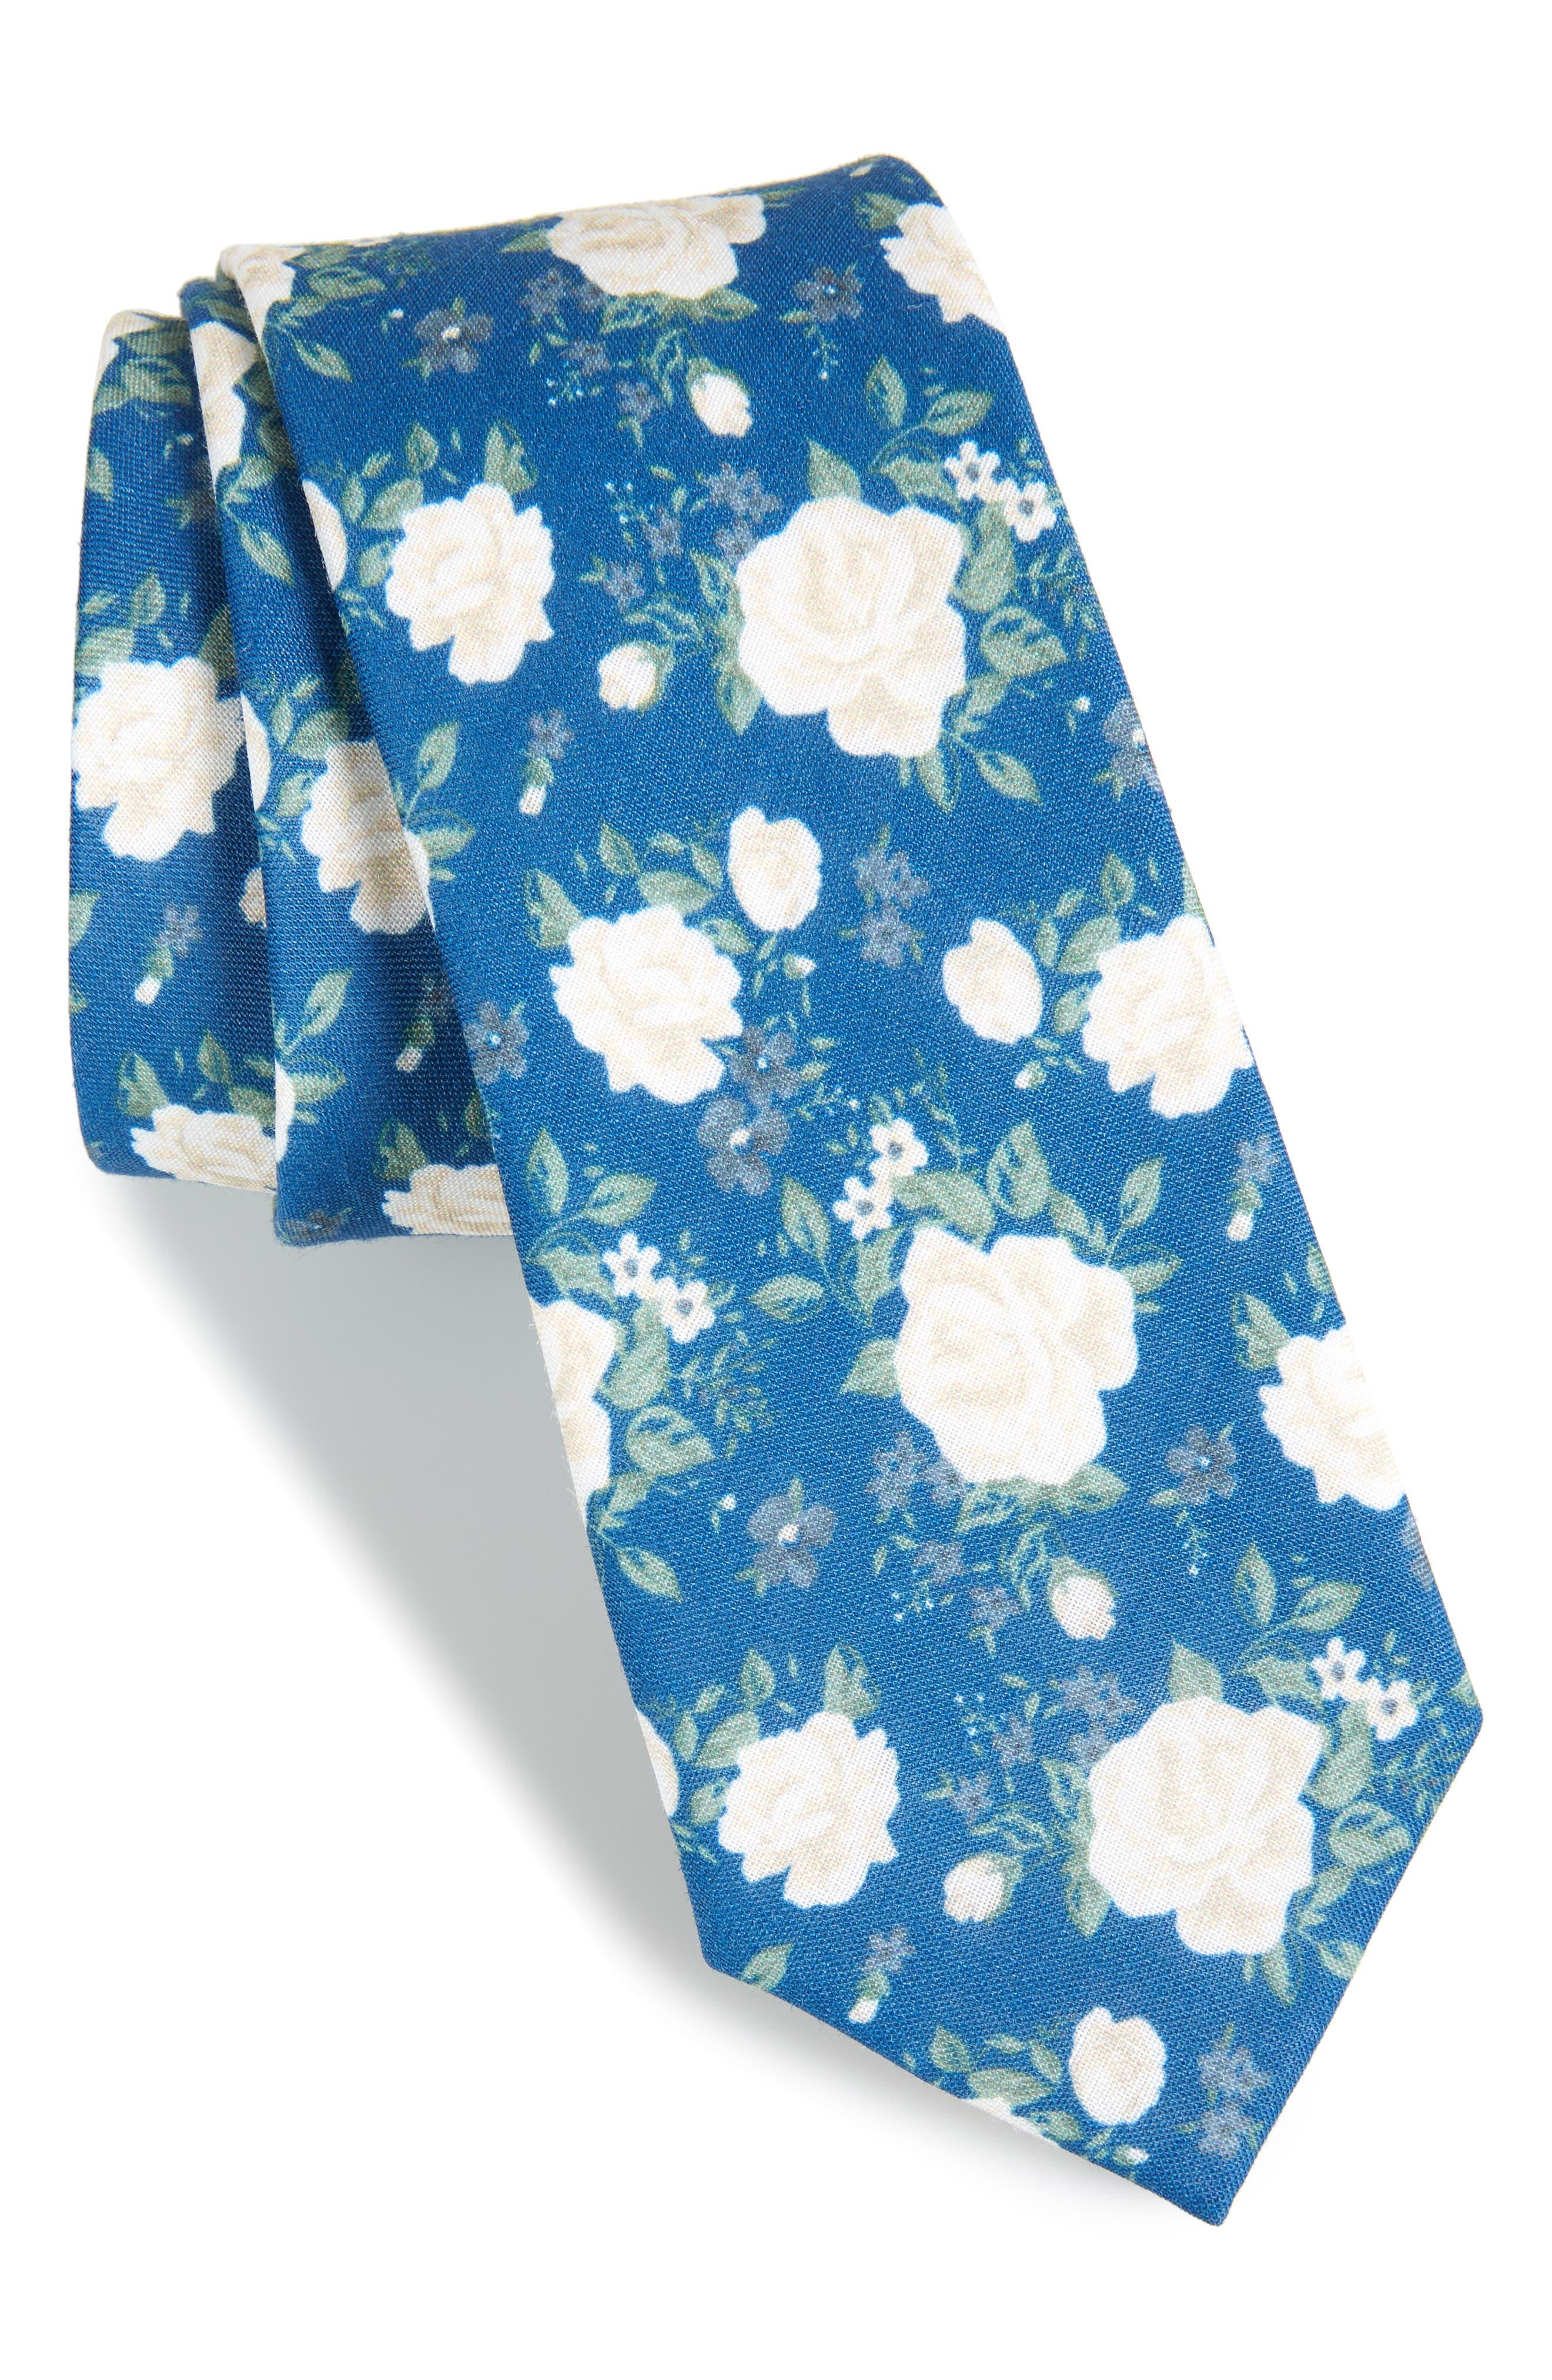 Hodgkiss Flowers Linen Tie,                         Main,                         color, Royal Blue